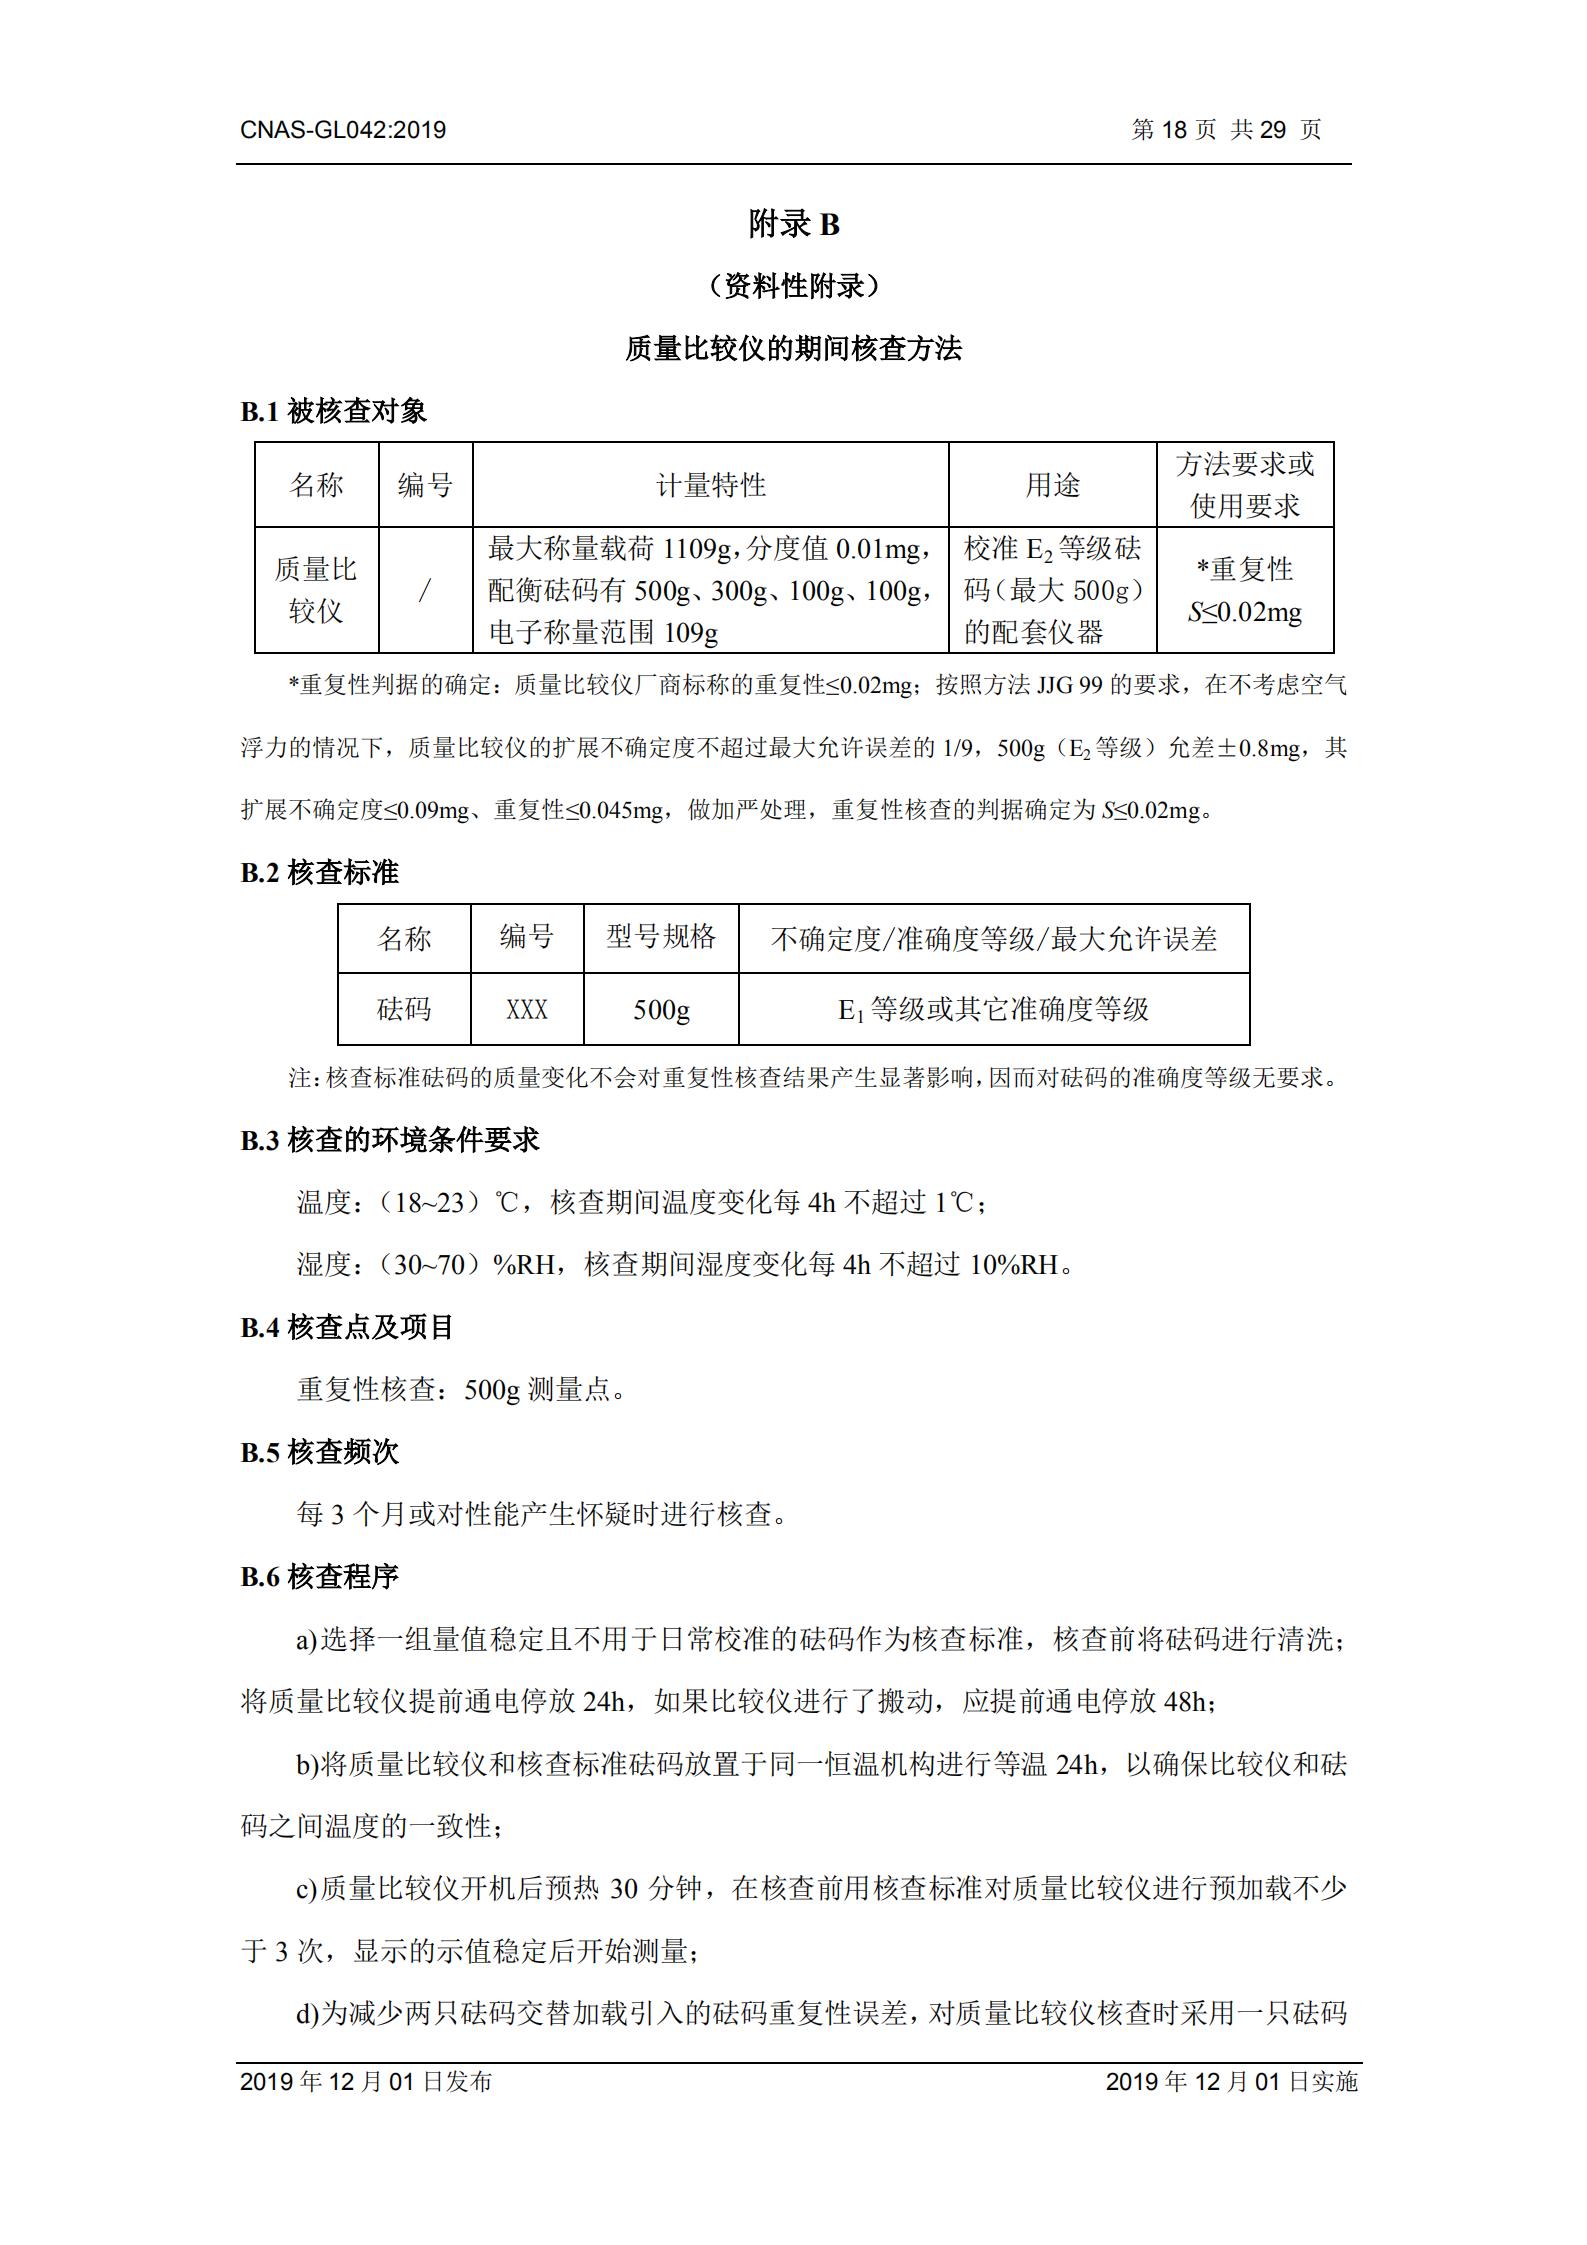 CNAS-GL042:2019《测量设备期间核查的方法指南》_18.png